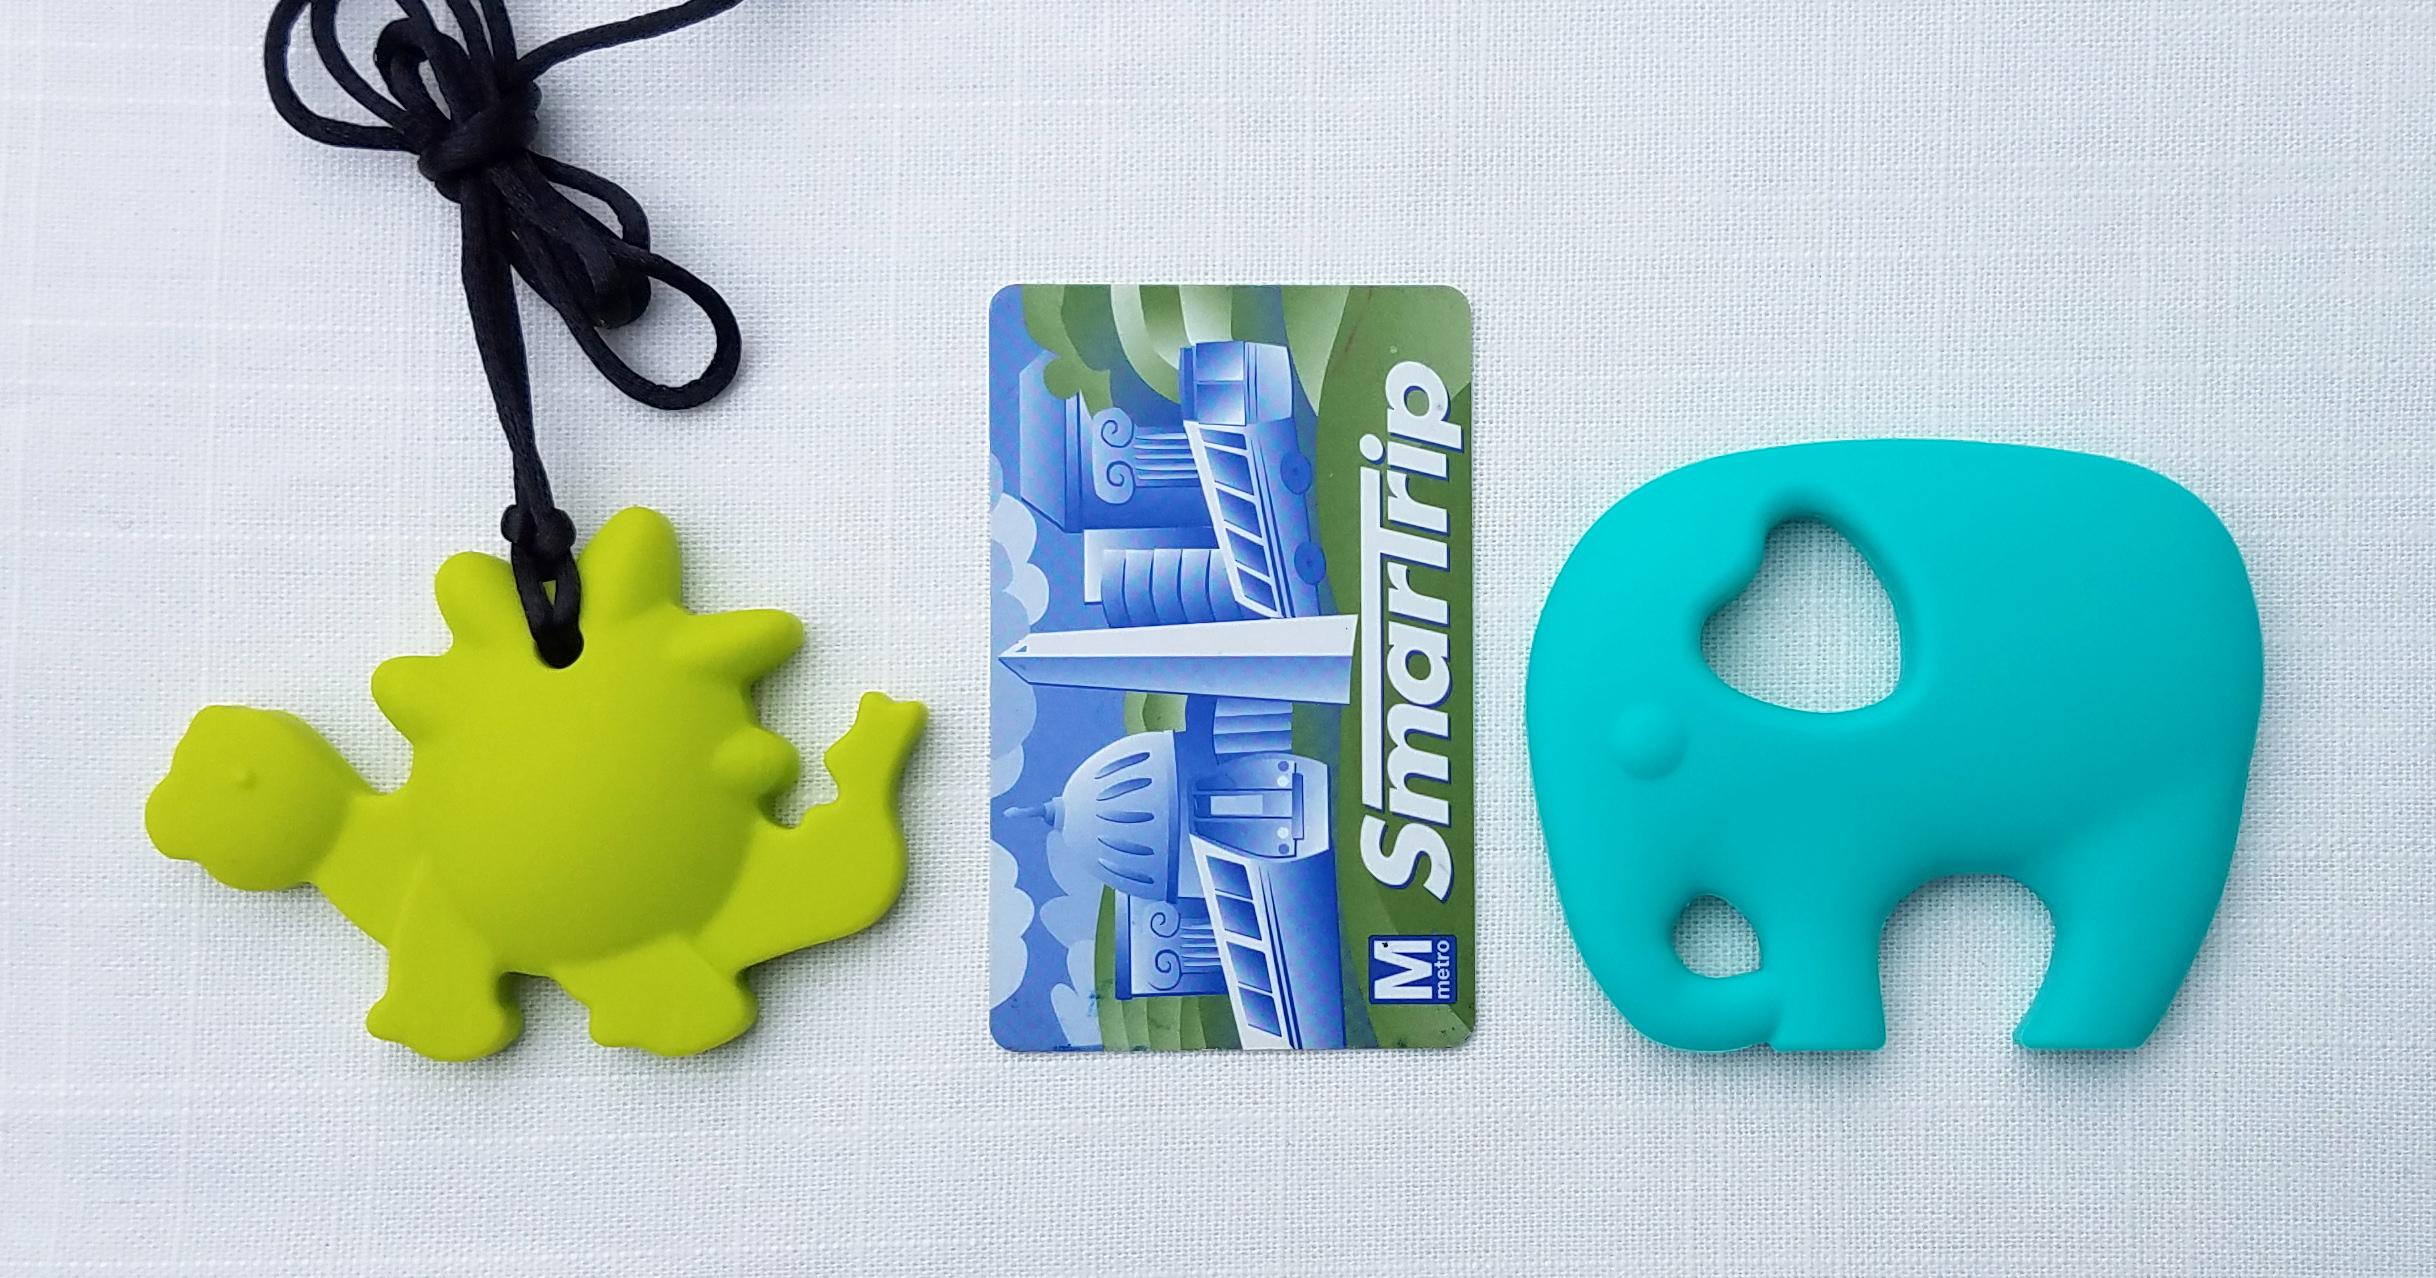 Stegosaurus Pendant  and  Handheld Elephant